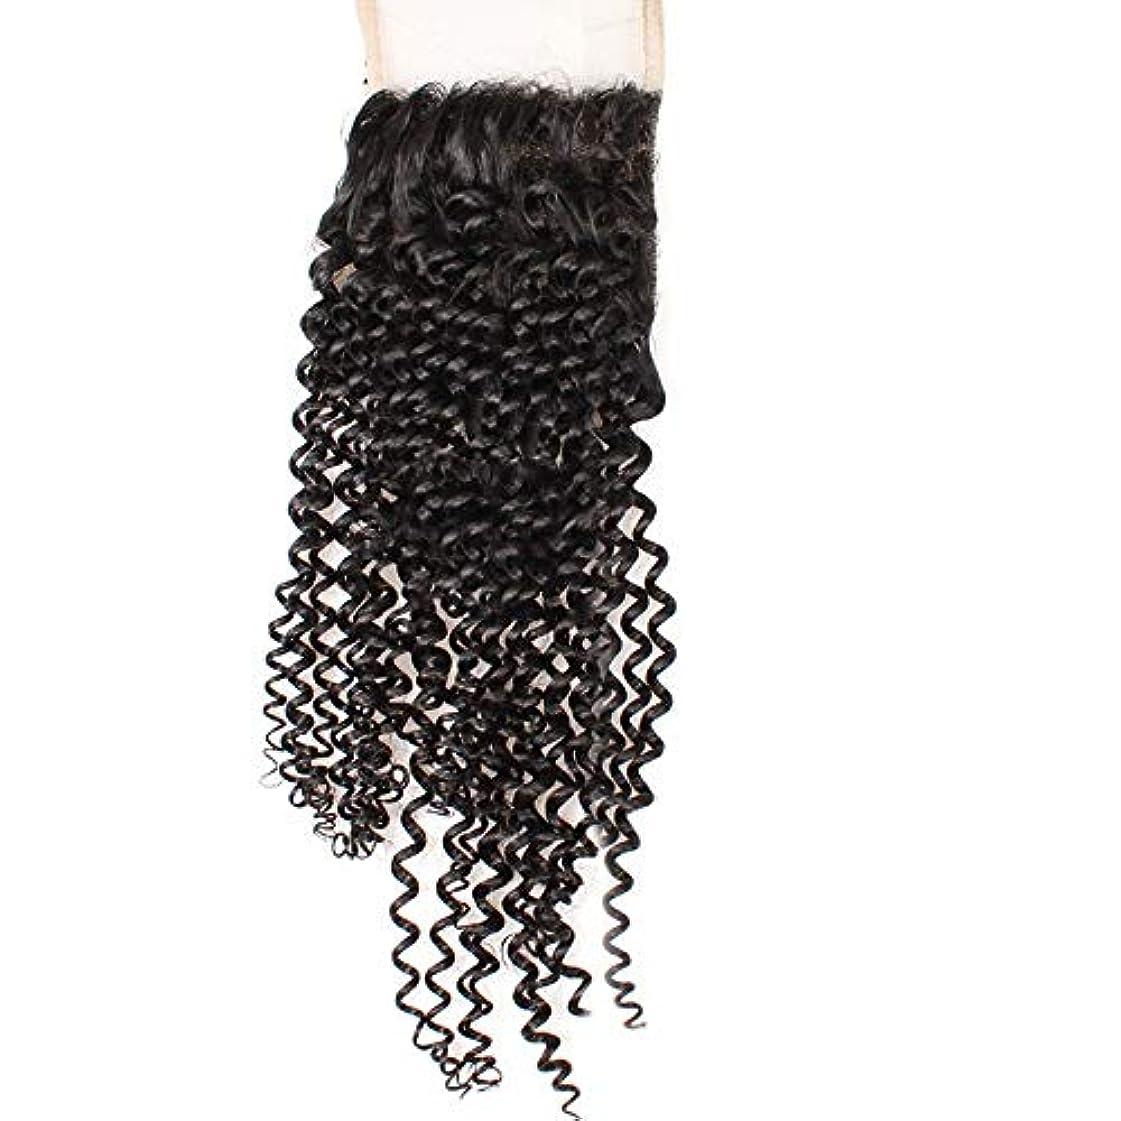 フォーカスグリーンランドインスタンスHOHYLLYA 4×4フリーパートレース前頭閉鎖9Aブラジル髪変態カーリーレース閉鎖ロールプレイングかつら女性の自然なかつら (色 : 黒, サイズ : 14 inch)